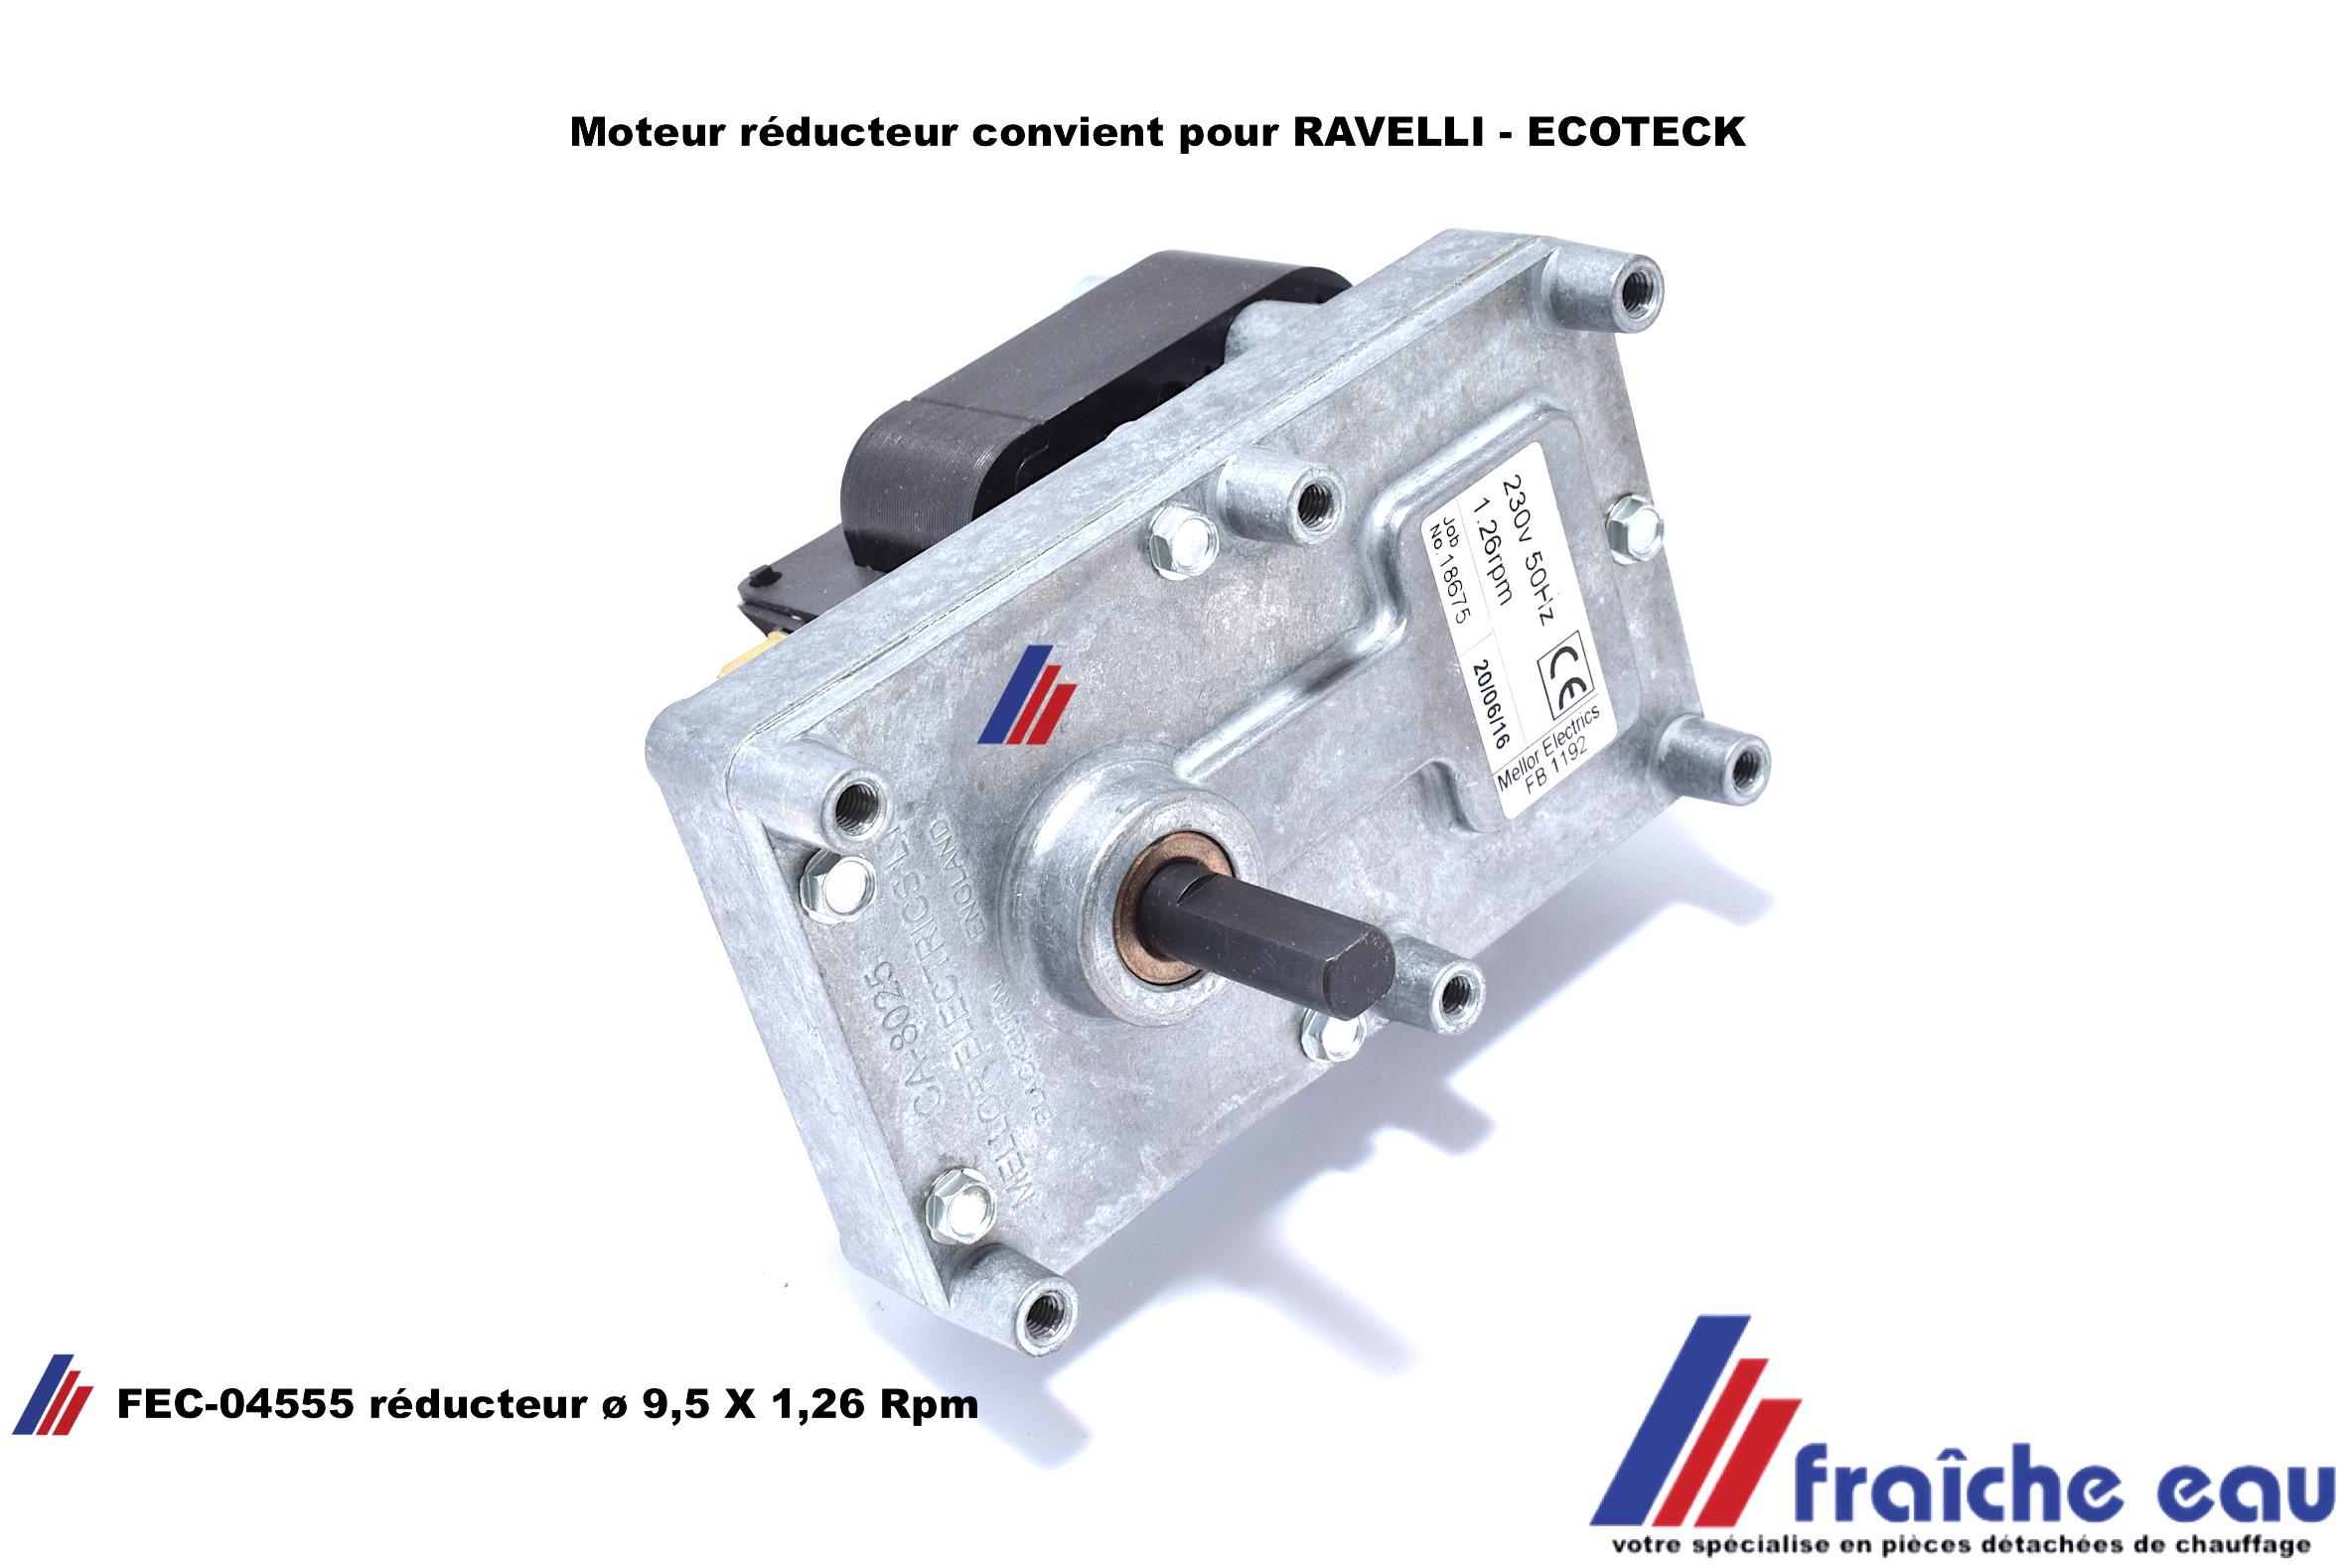 Kit de remplacement pour ventilateur de po/êle /à bois Moteur et ventilateur de rechange